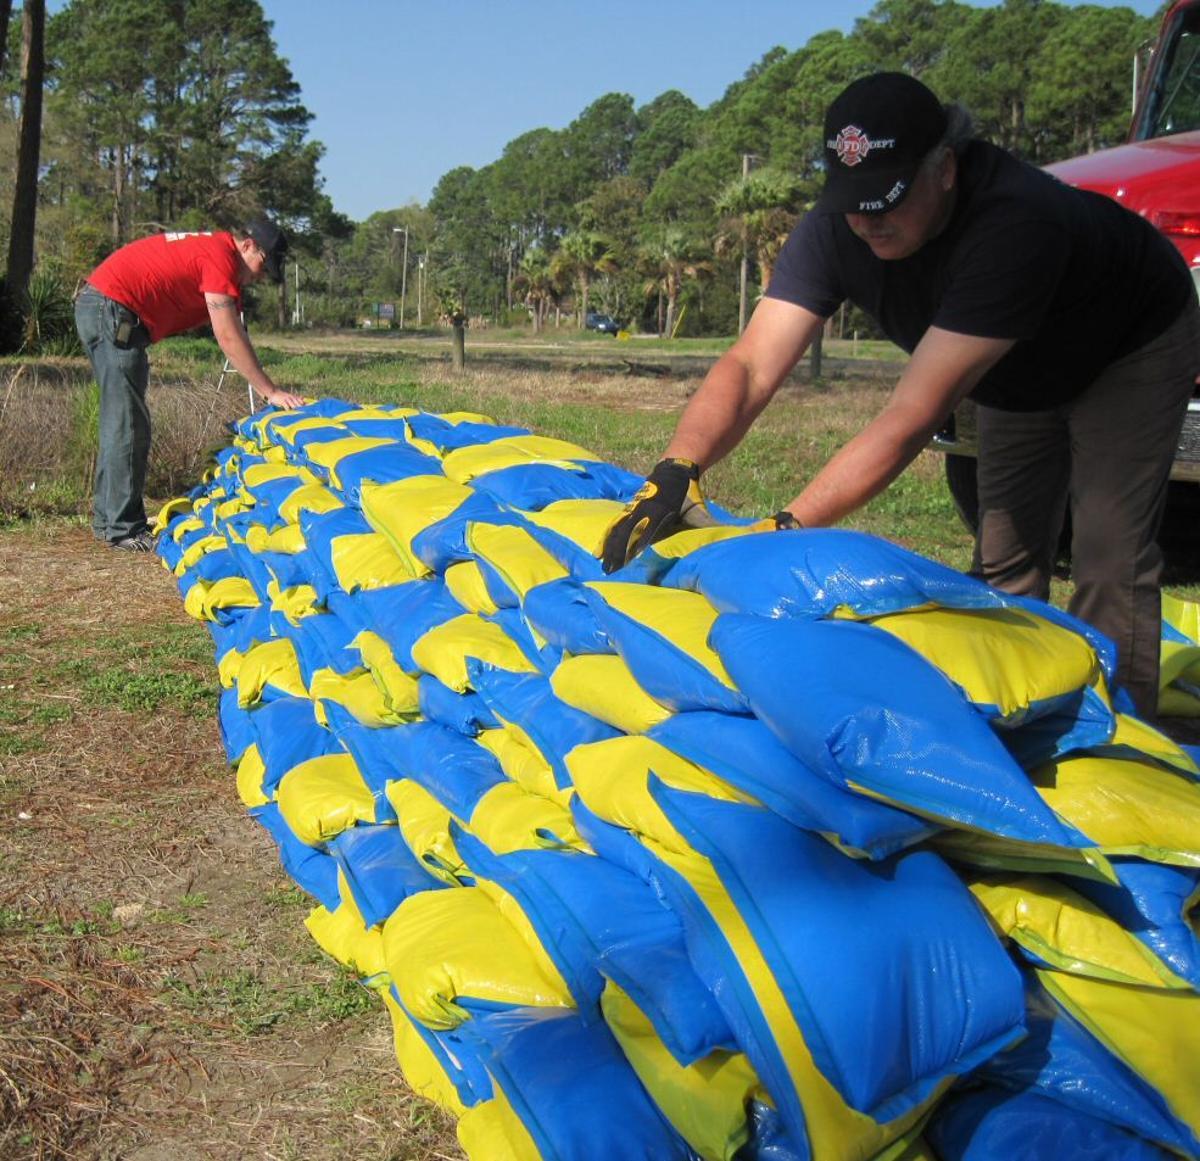 Sandbricks offer a number of design advantages over the traditional sandbag